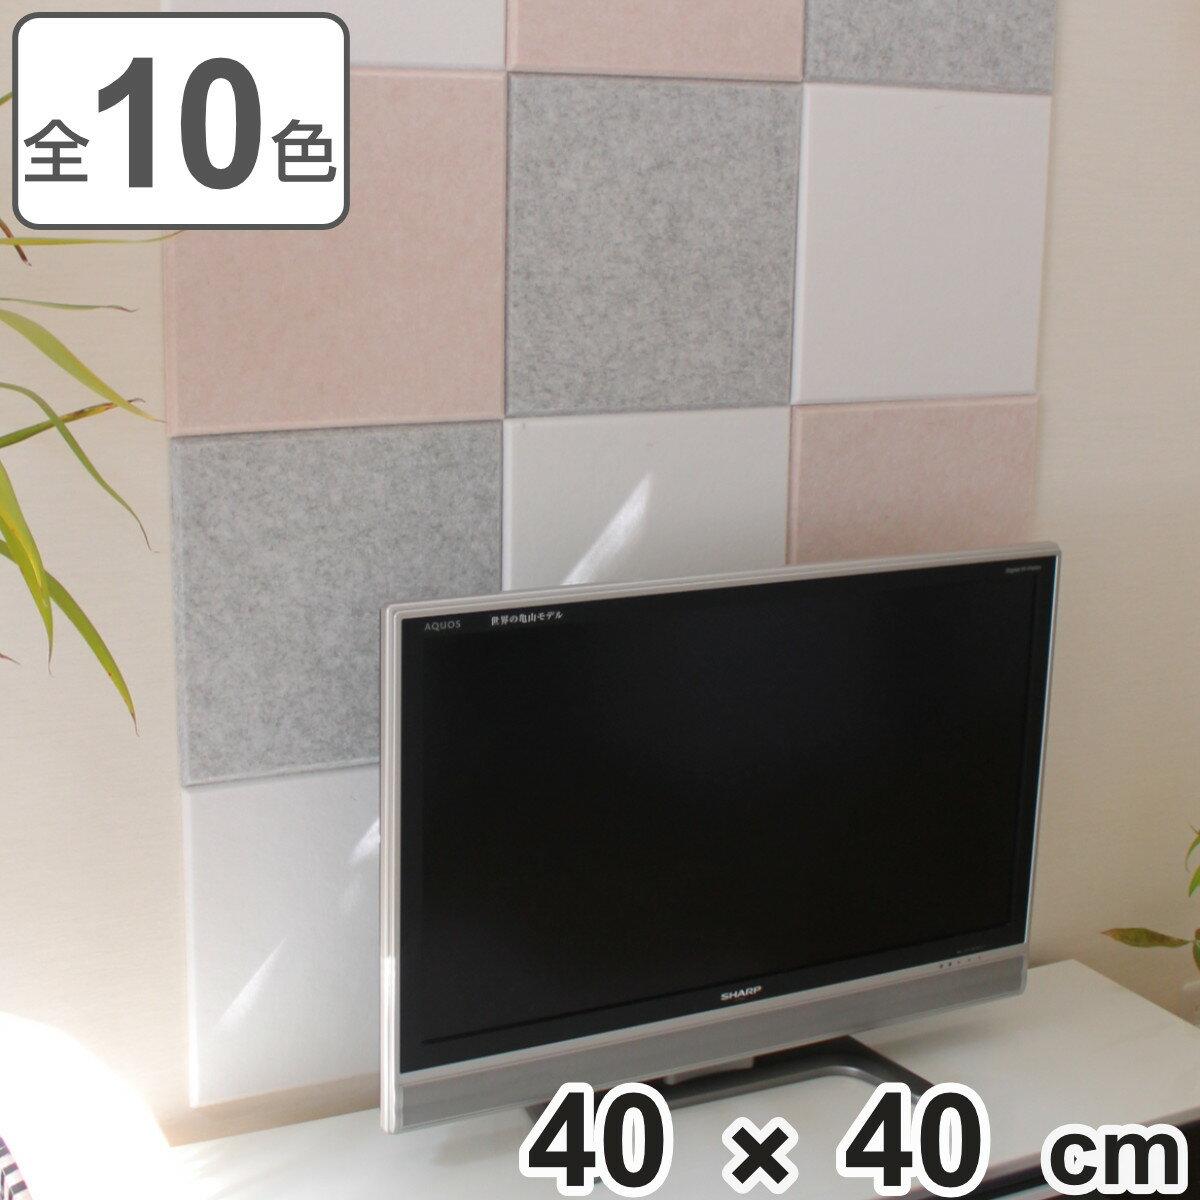 吸音パネル フェルメノン 40x40cm 45度カットタイプ ( 防音 吸音 パネル ボード 防音材 吸音材 騒音対策 インテリア 壁 フェルト シート )